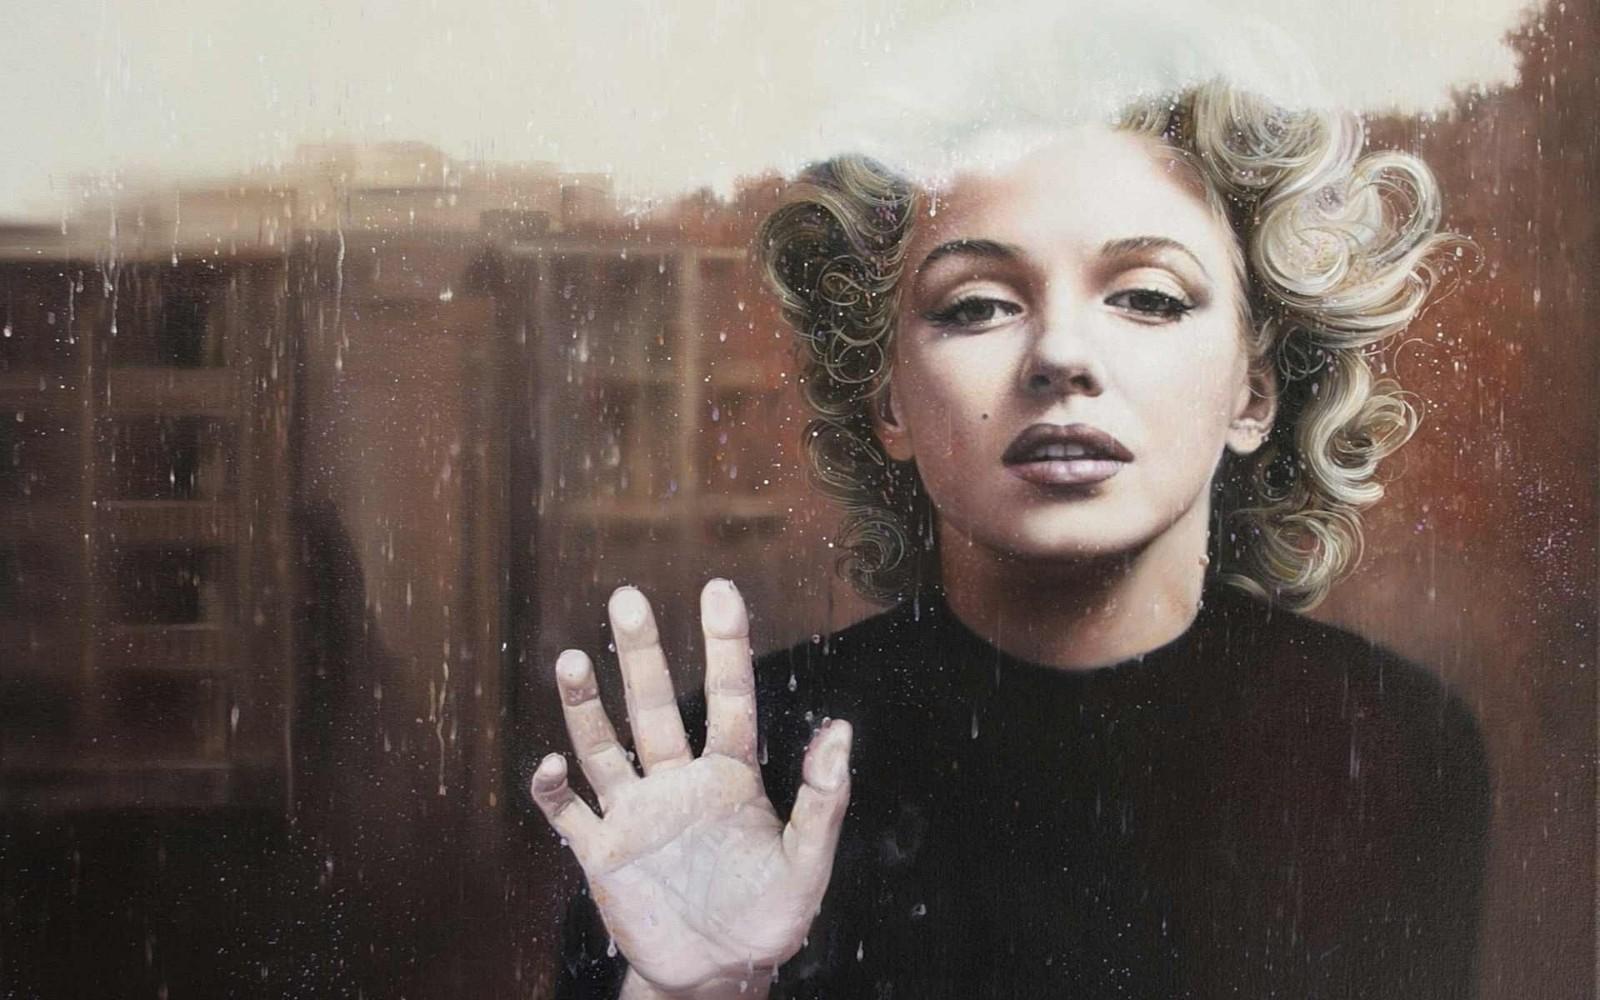 wallpaper : women, vintage, marilyn monroe, girl, beauty, lady